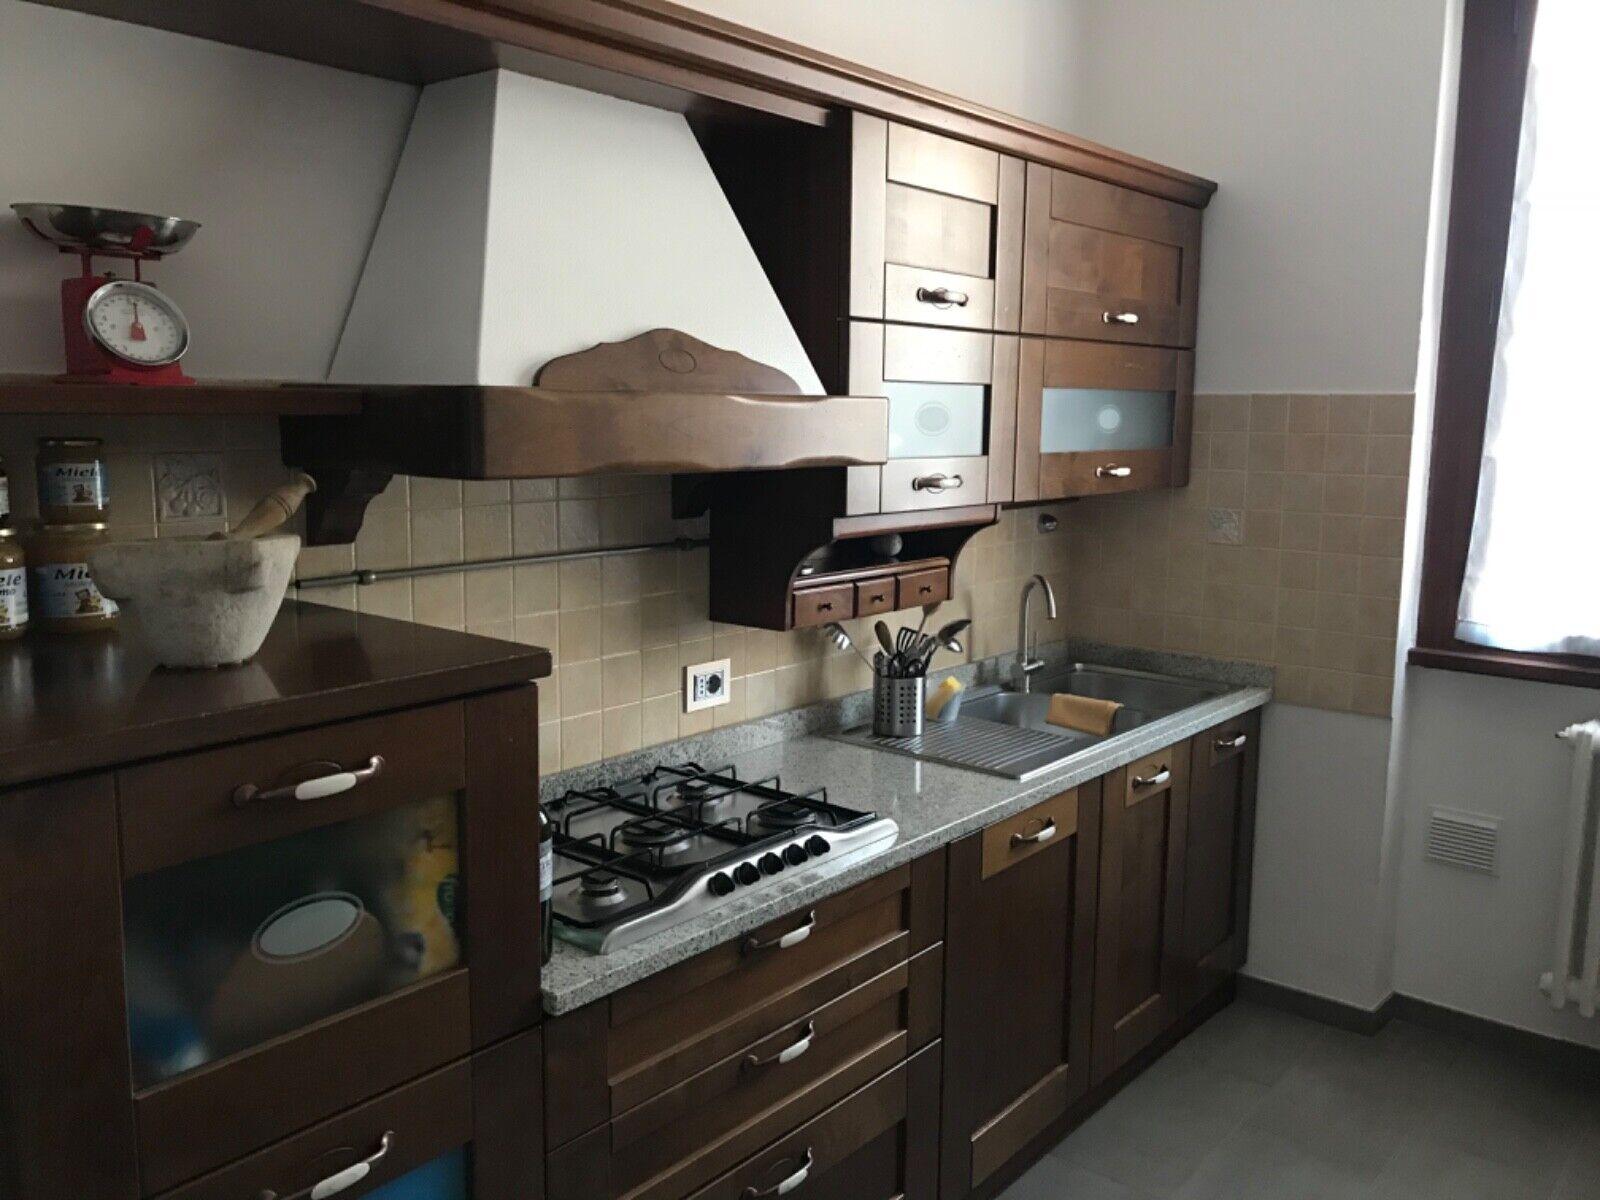 Cucina Lineare Mobili E Accessori Per La Casa Nelle Marche Kijiji Annunci Di Ebay